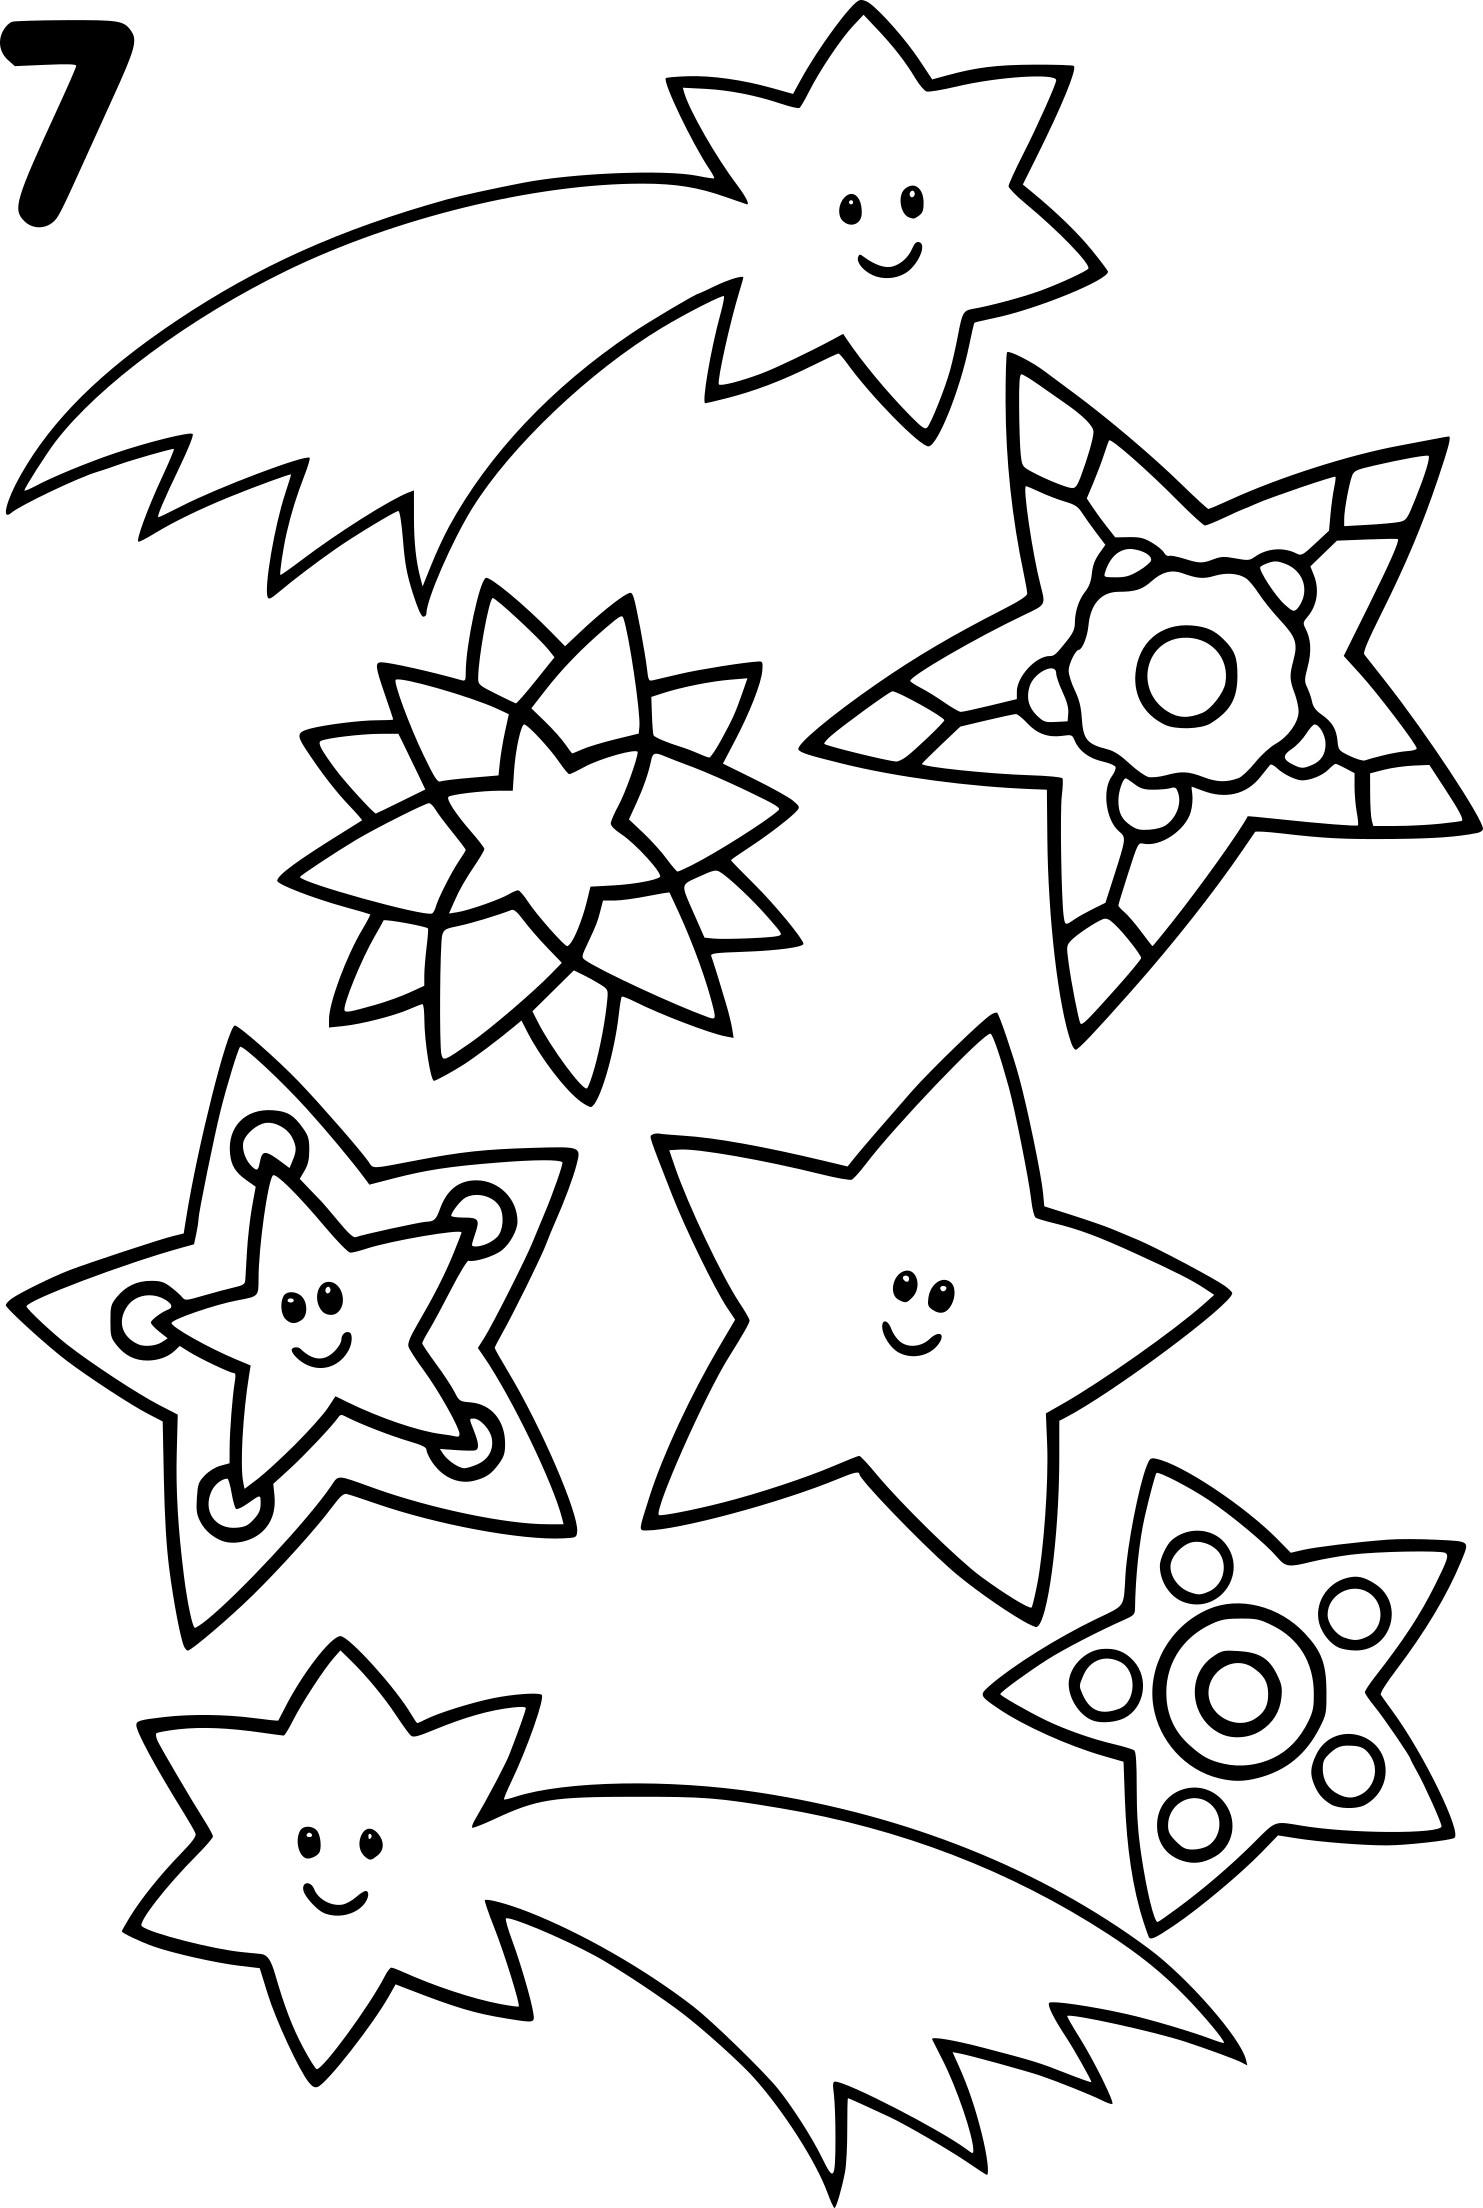 Coloriage Etoile Filante Et Noel À Imprimer Sur Coloriages tout Dessin A Colorier De Noel Gratuit A Imprimer